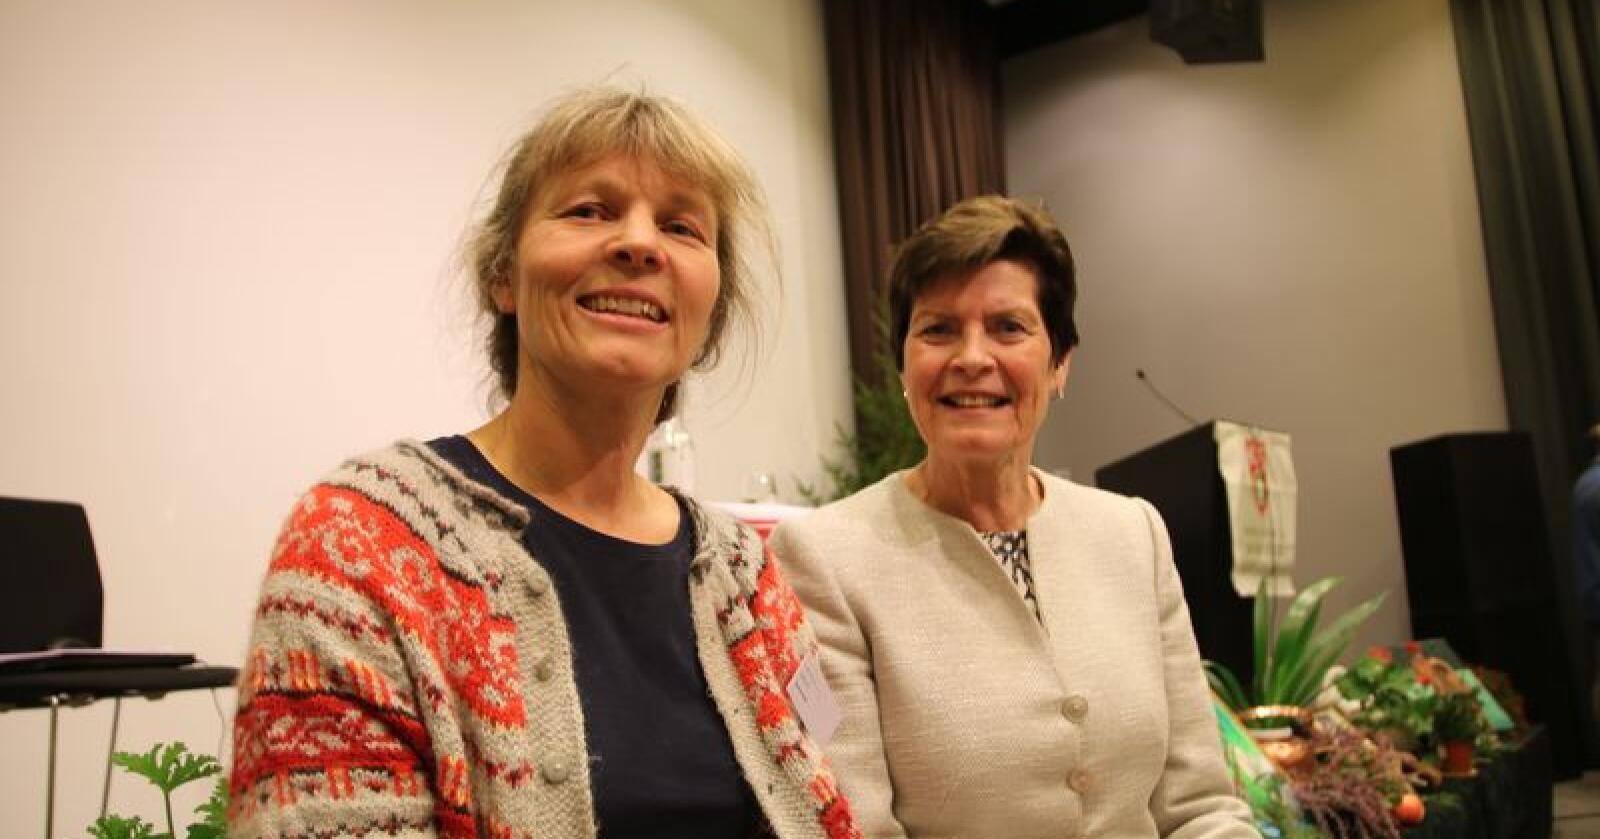 Kjersti Hoff (t.v.) ble valgt til ny leder i Småbrukarlaget i 2018. Her sammen med tidligere leder i Småbrukarlaget, Merete Furuberg. (Foto: Karl Erik Berge)